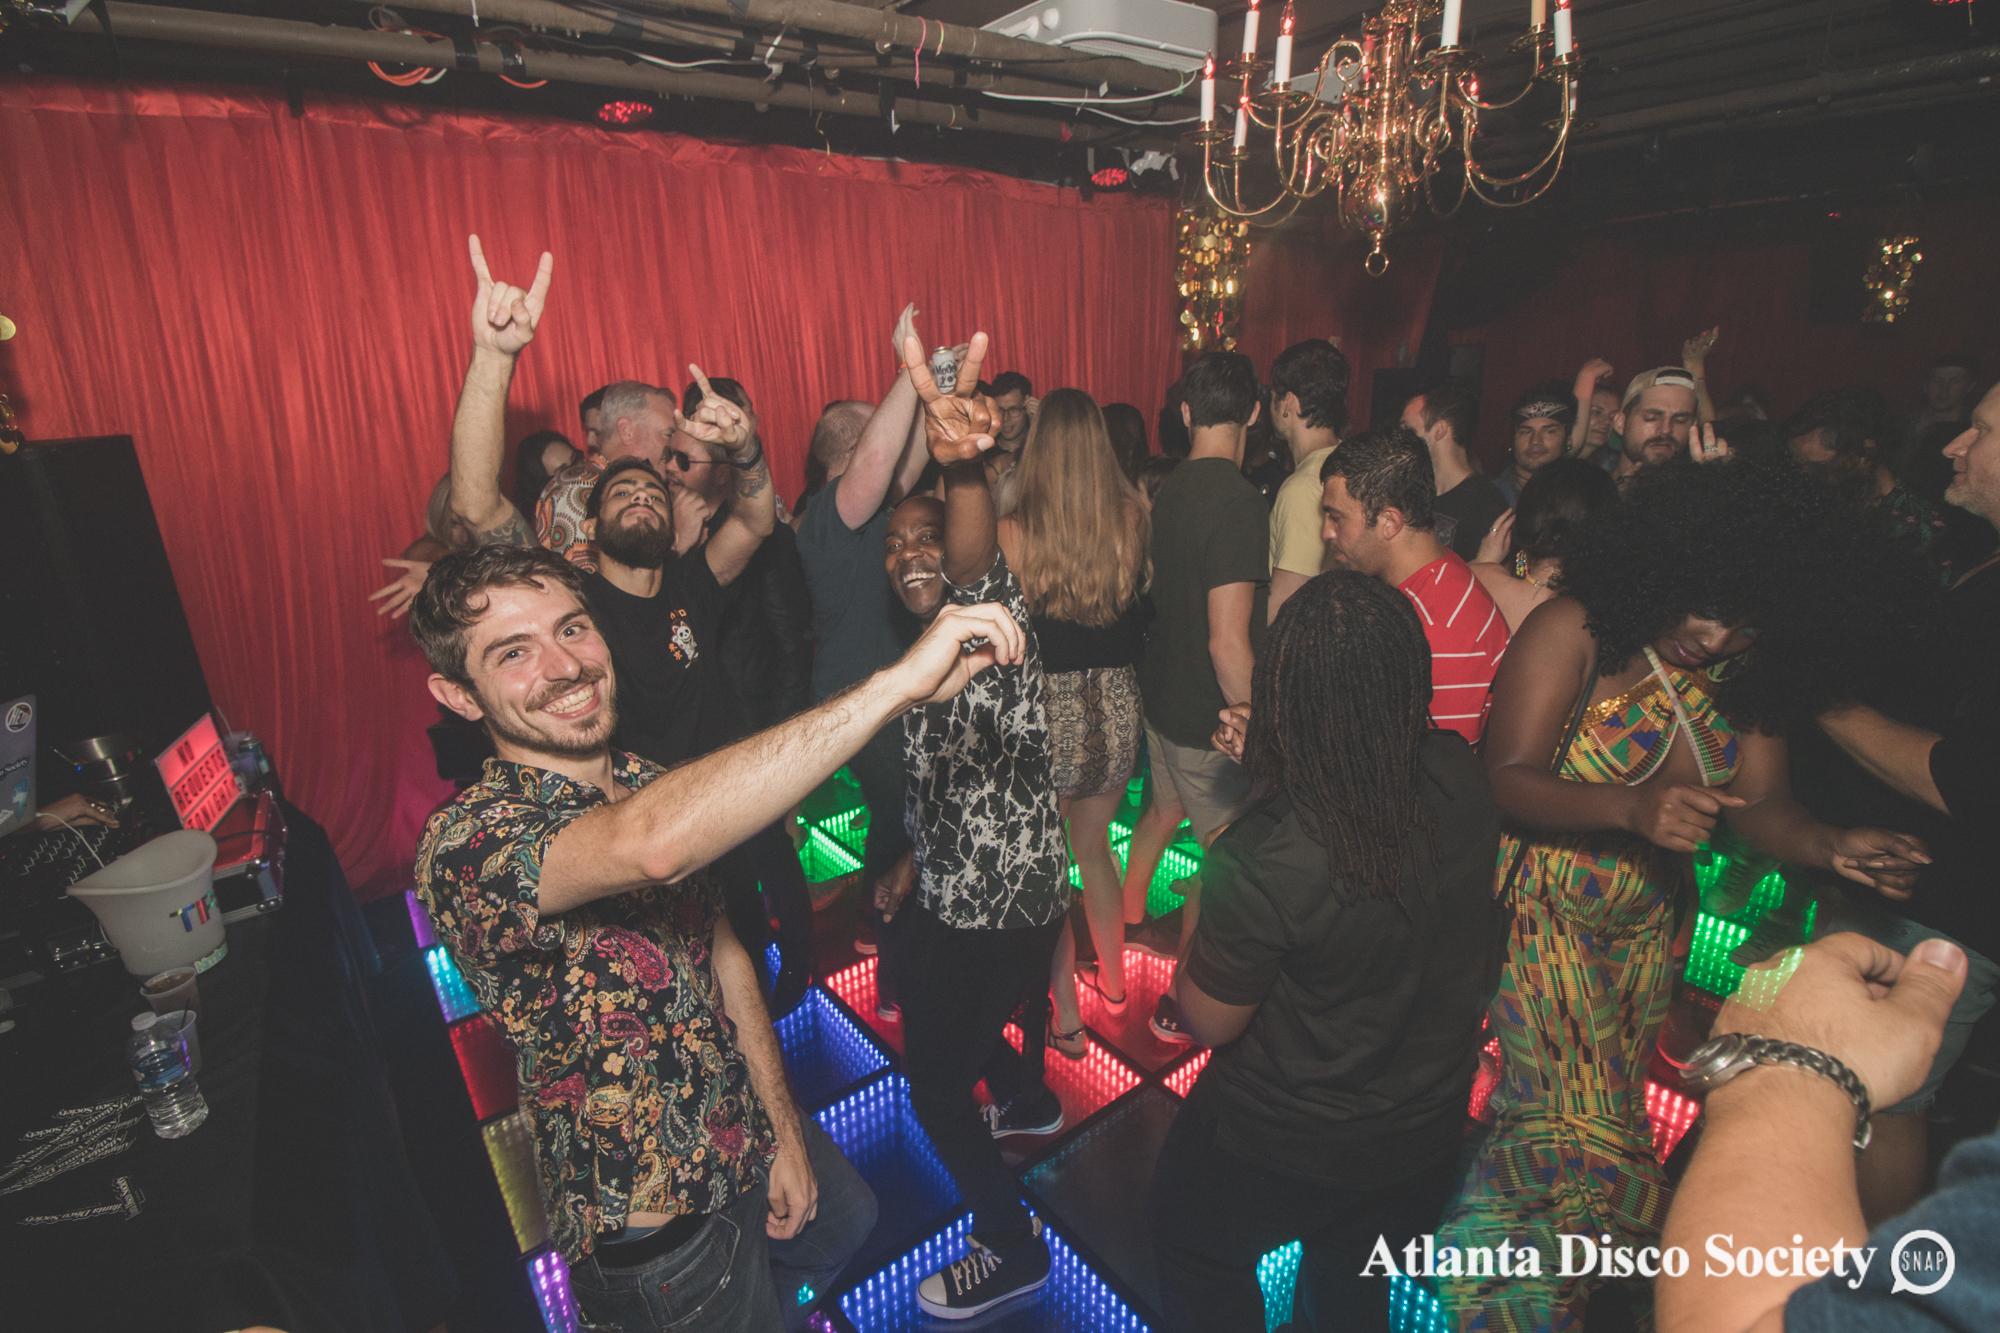 182Atlanta Disco Society Grace Kelly Oh Snap Kid 7.27.19.jpg